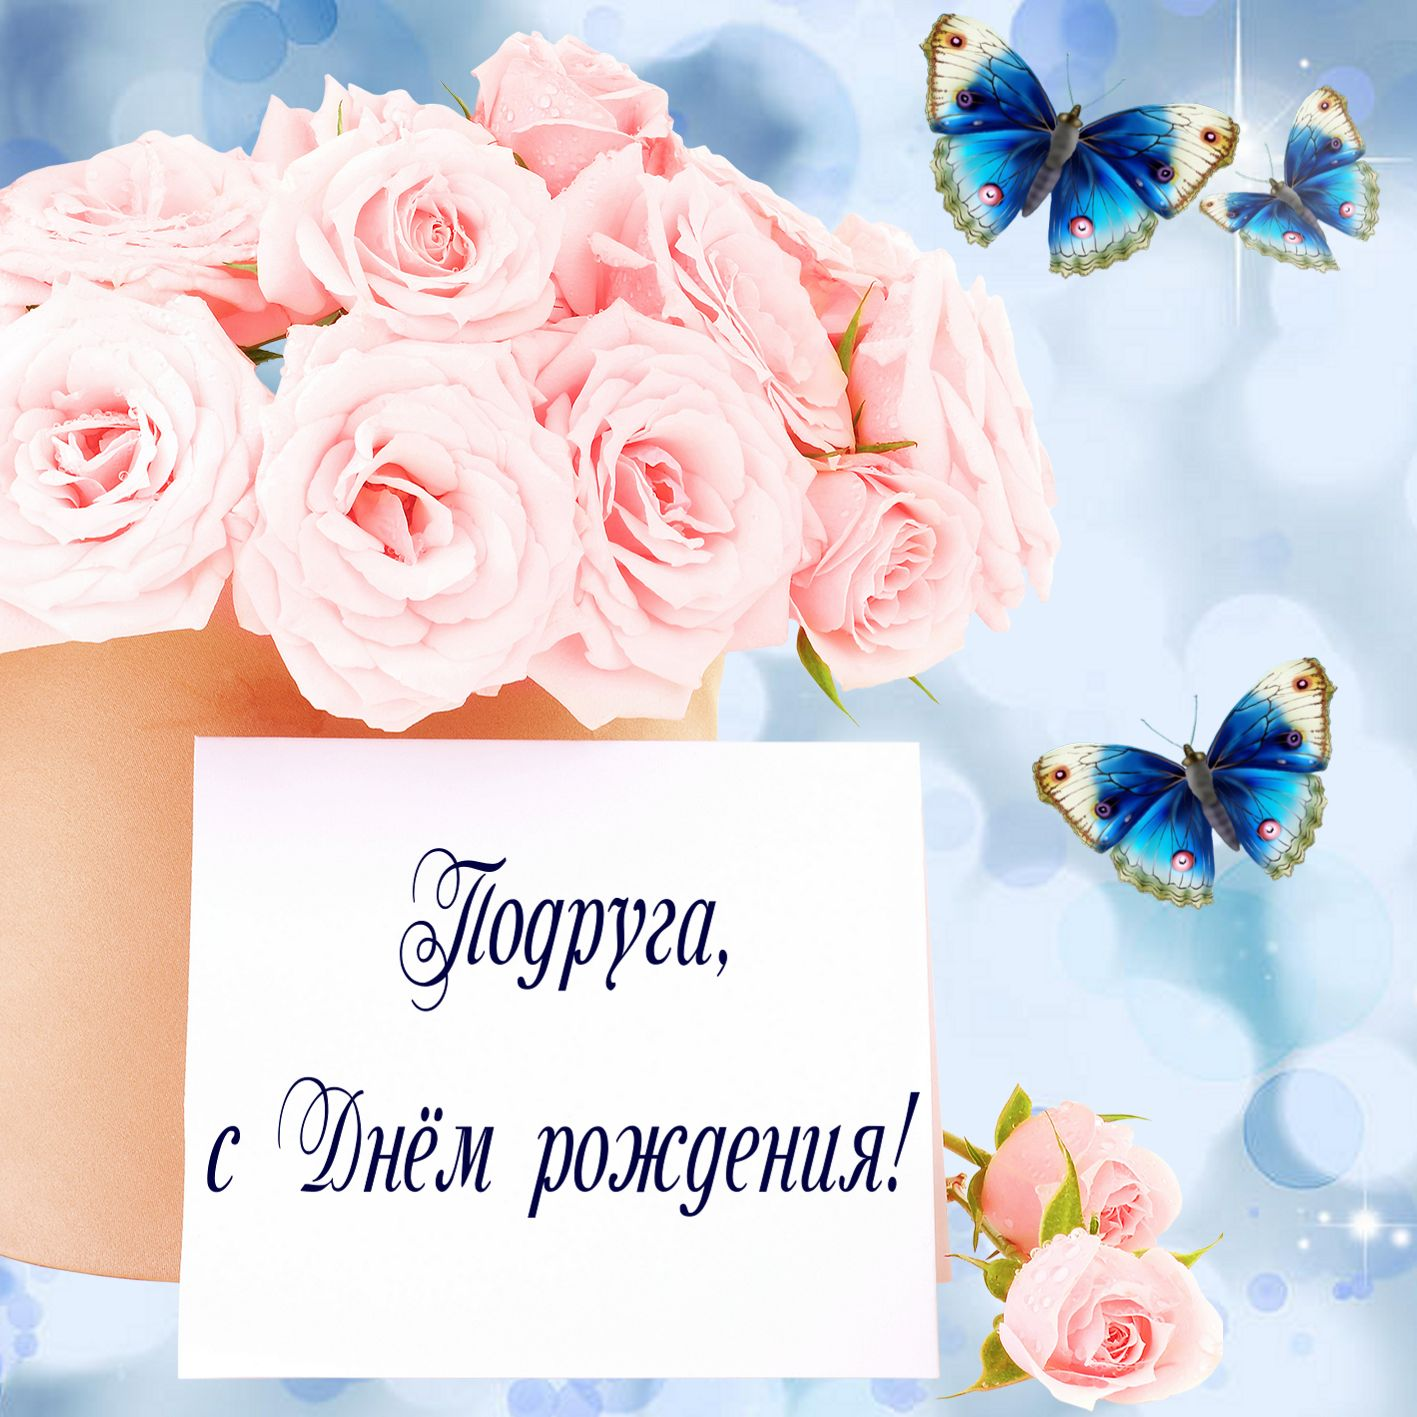 Открытка с днём рождения подруга,красивые поздравления подруге Картинки,открытки на день рождения подруге,с днём рождения подруга,открытка открытки подруге на день рождения,красивые,яркие открытки в день рождения подруге скачать